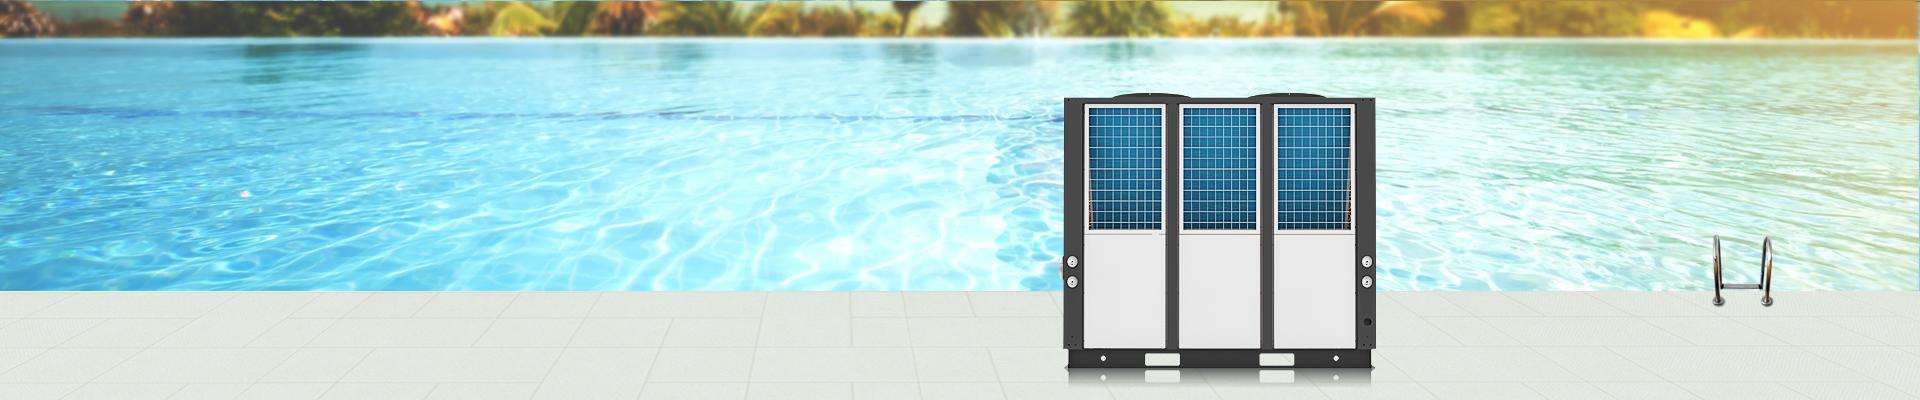 泳池恒温机组